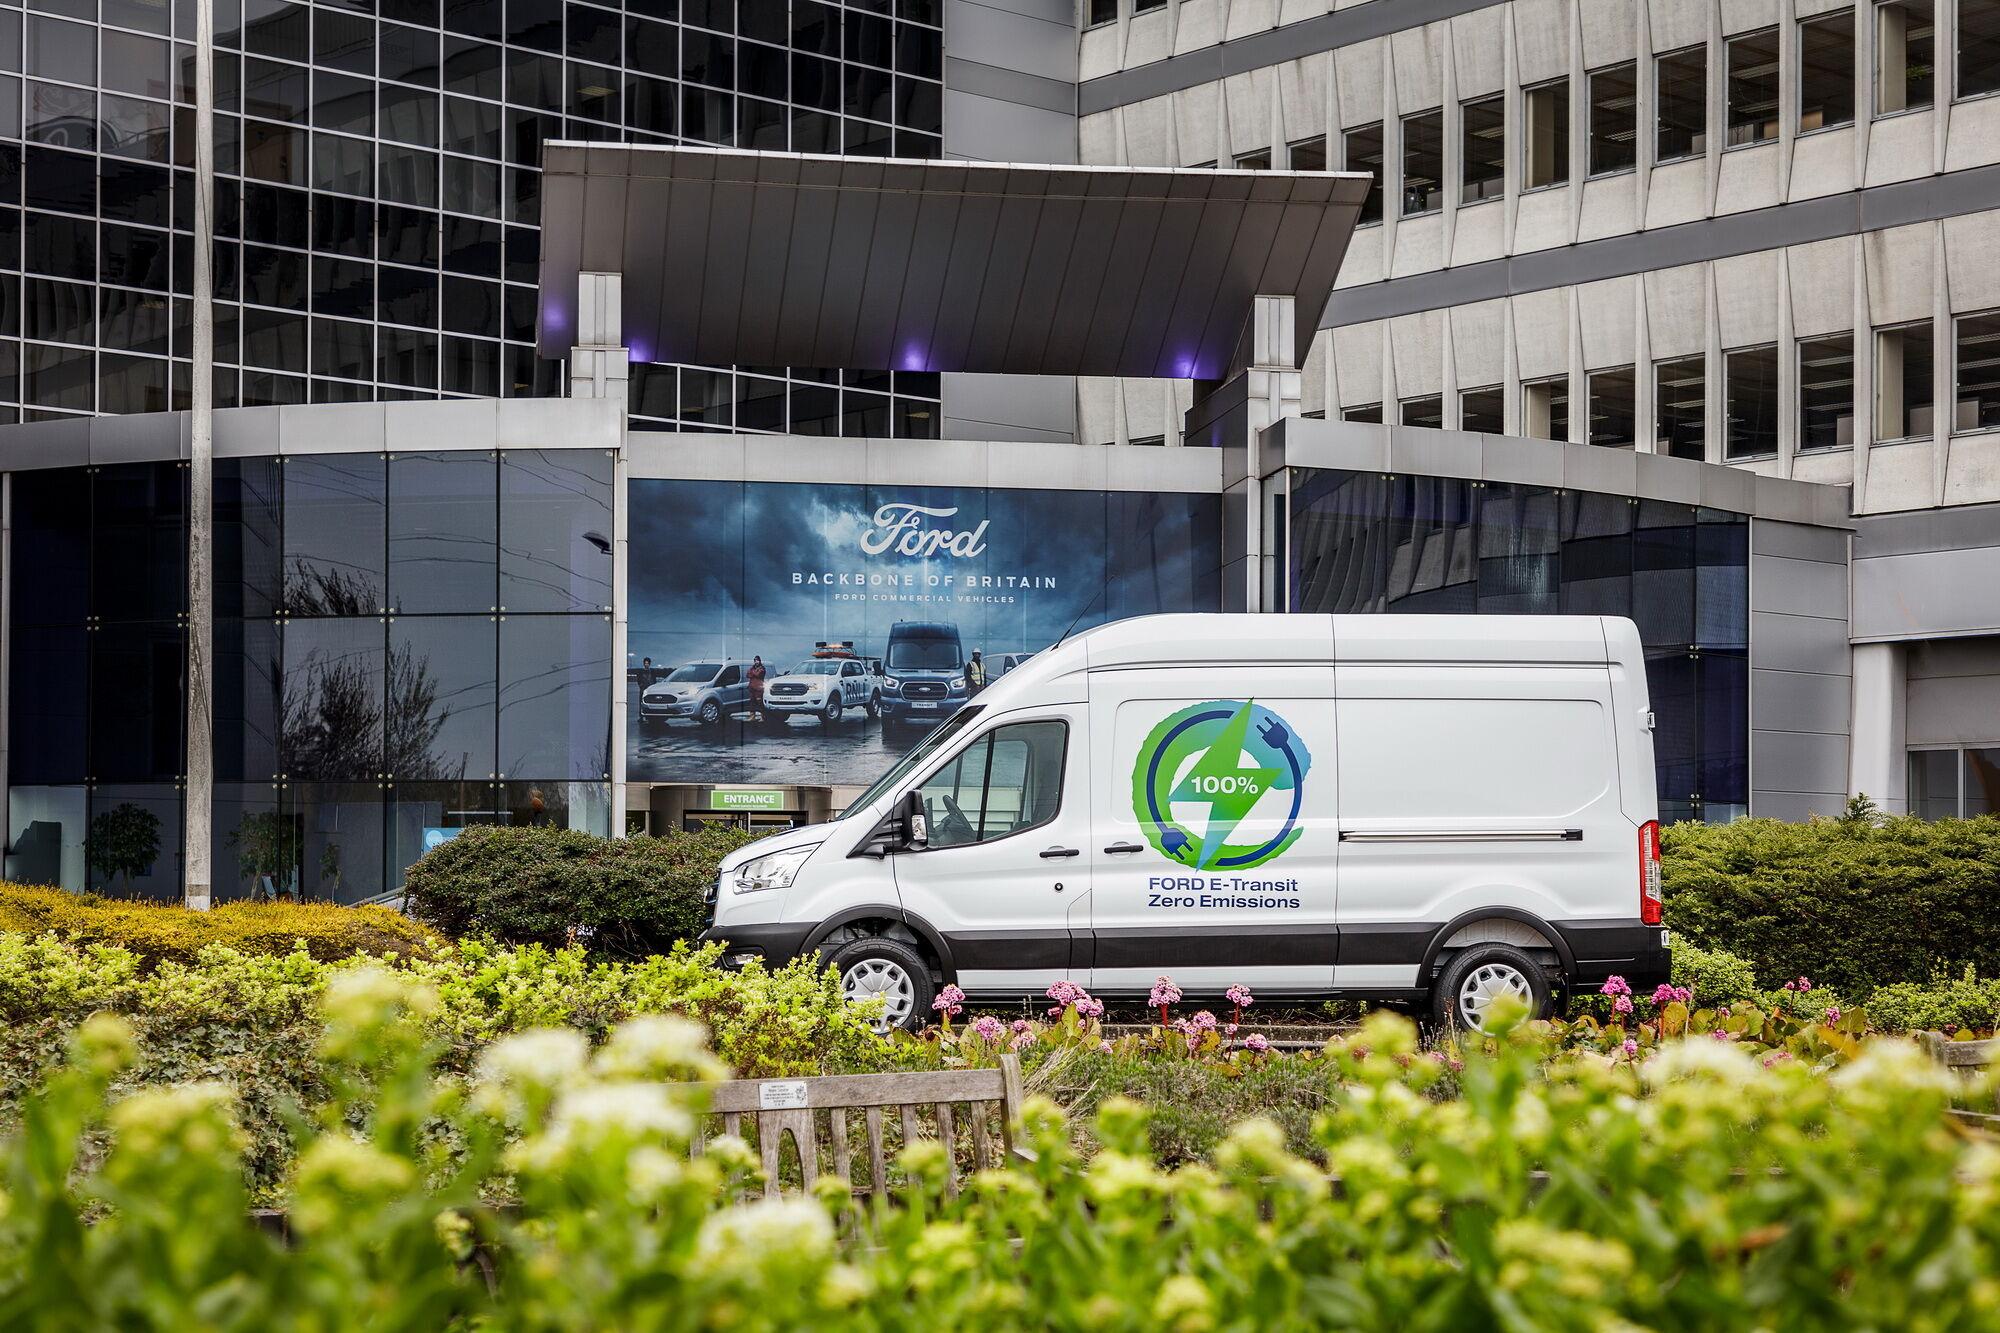 Вантажна зона E-Transit є уніфікованою з моделями Transit з ДВС